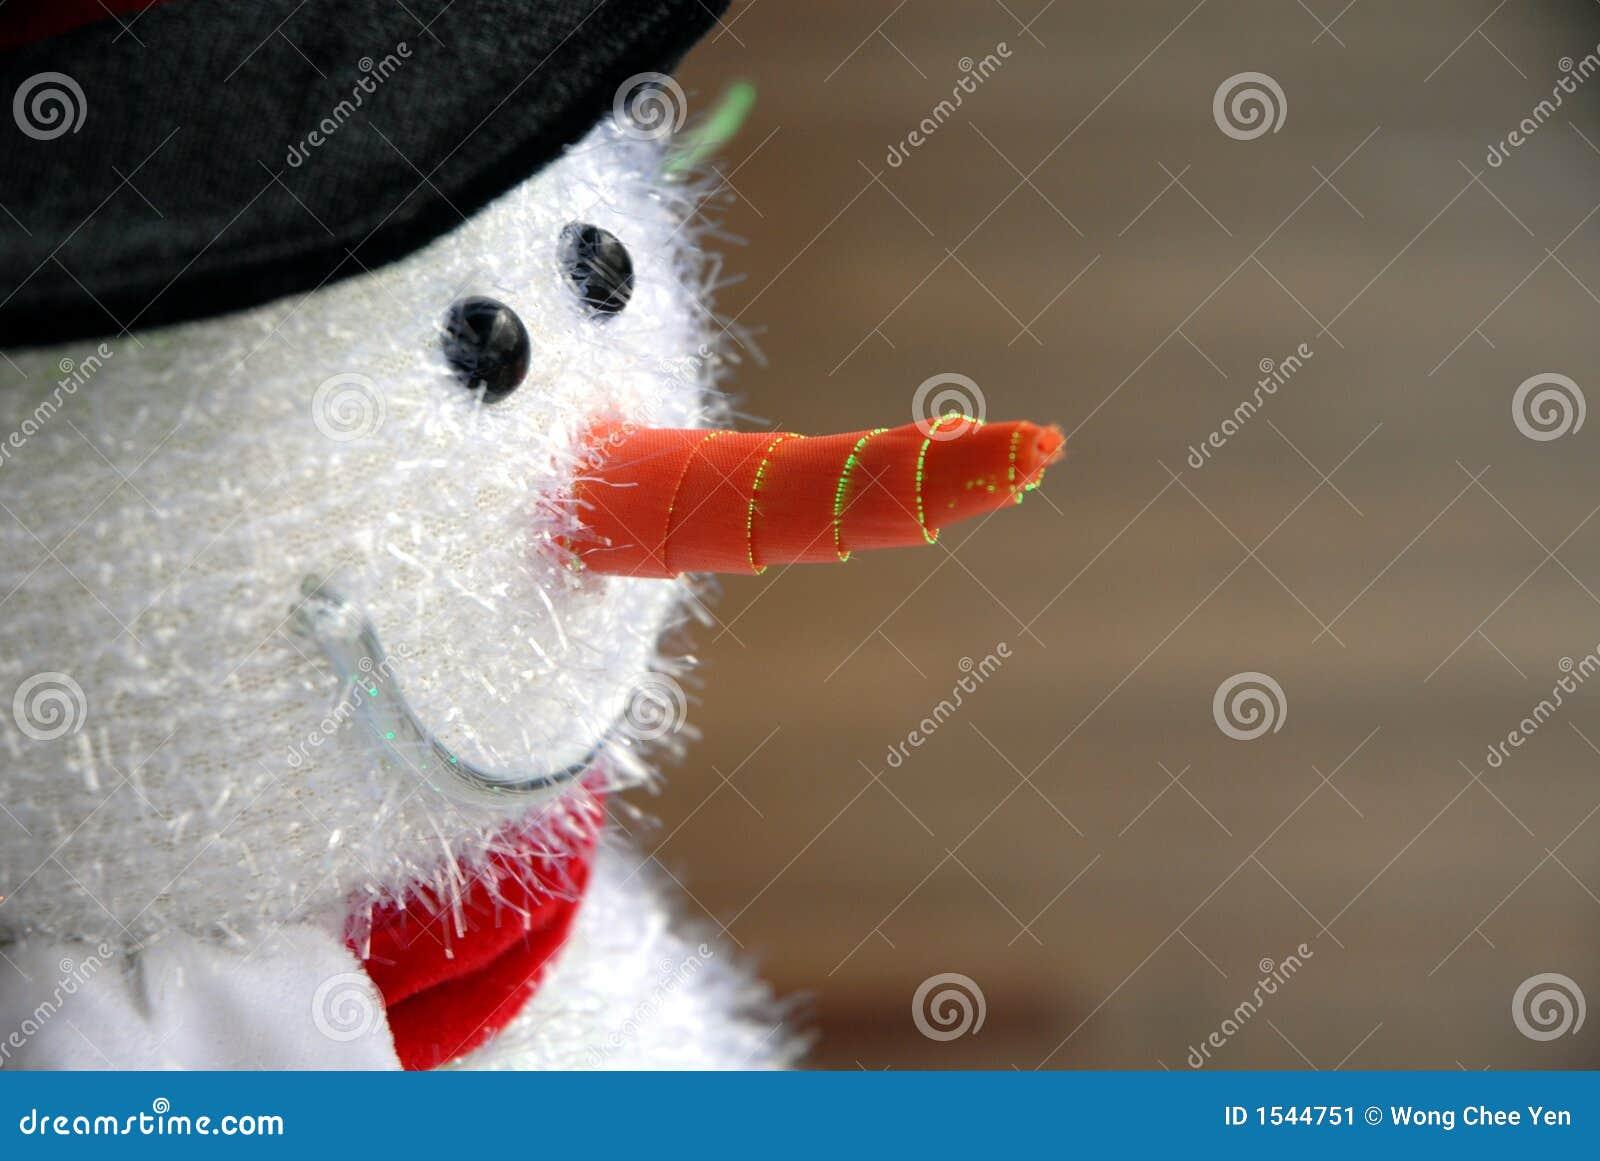 Ozdoby świąteczne bałwana